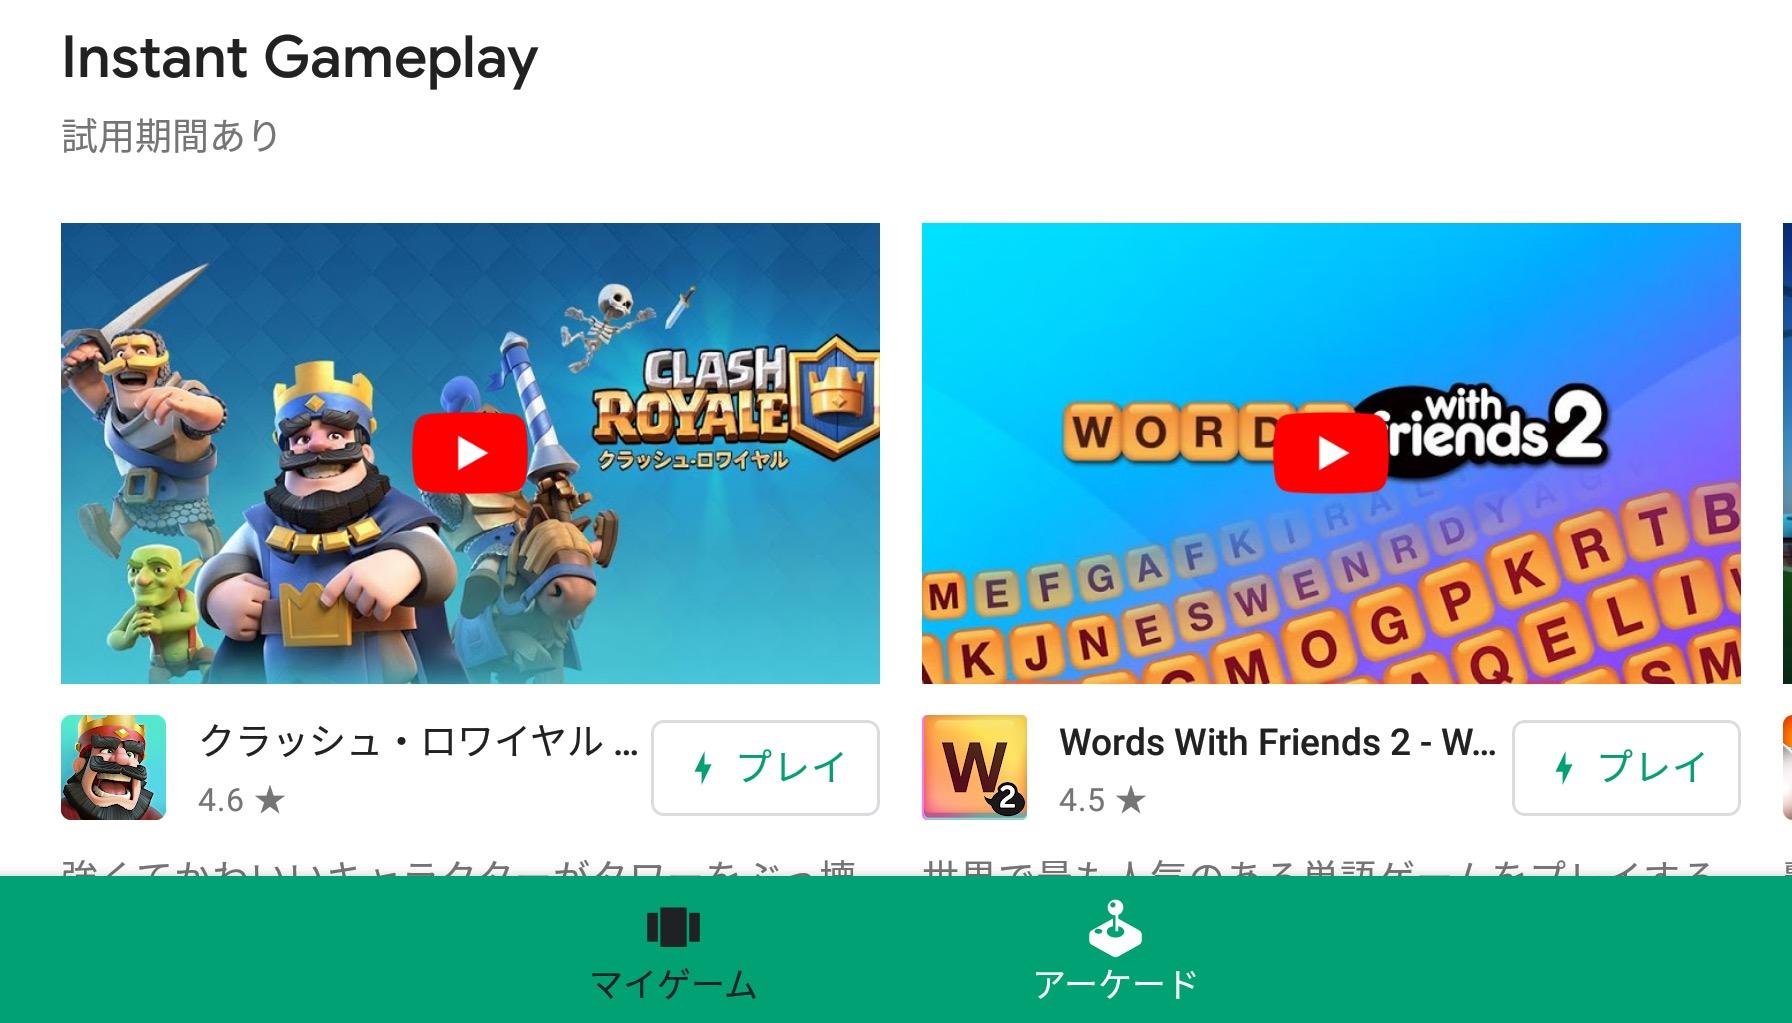 「Google Play Instant」が公開。ダウンロード不要でゲームのお試しプレイ可能に